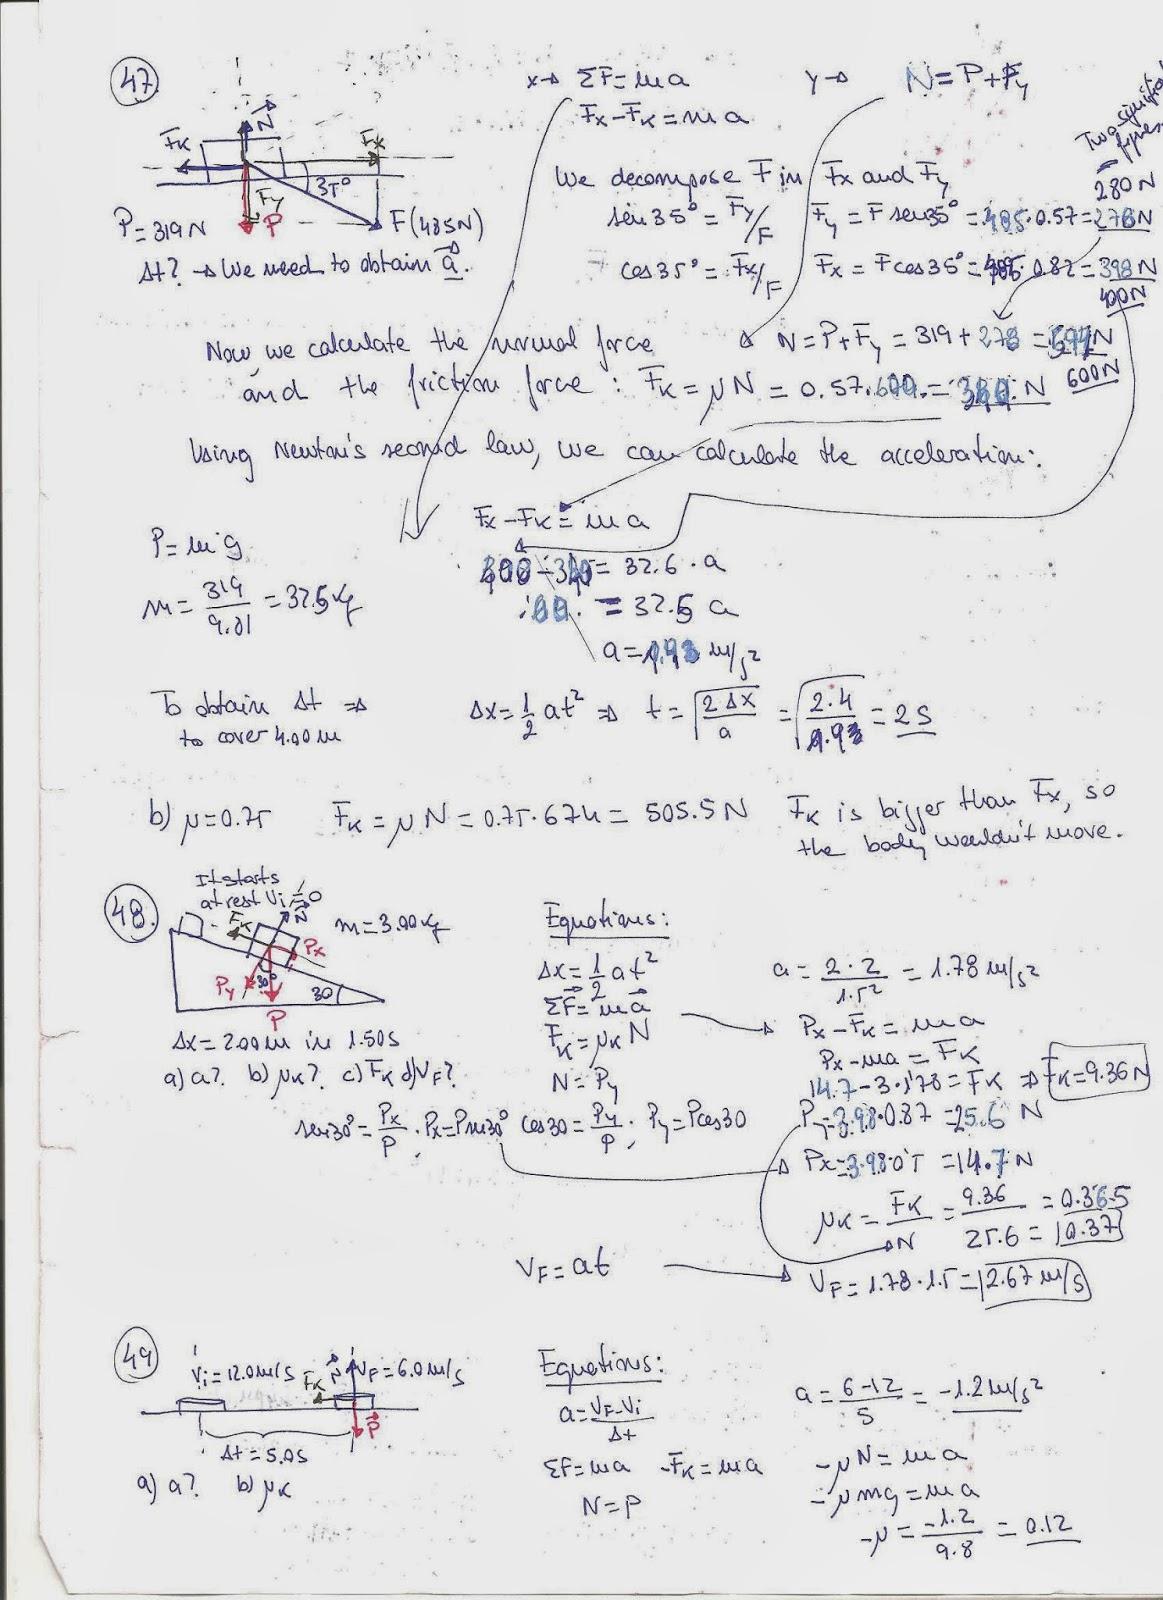 worksheet Chemistry Dimensions 2 Worksheet Solutions worksheet 4 solutions physics and chemistry doctor solutions